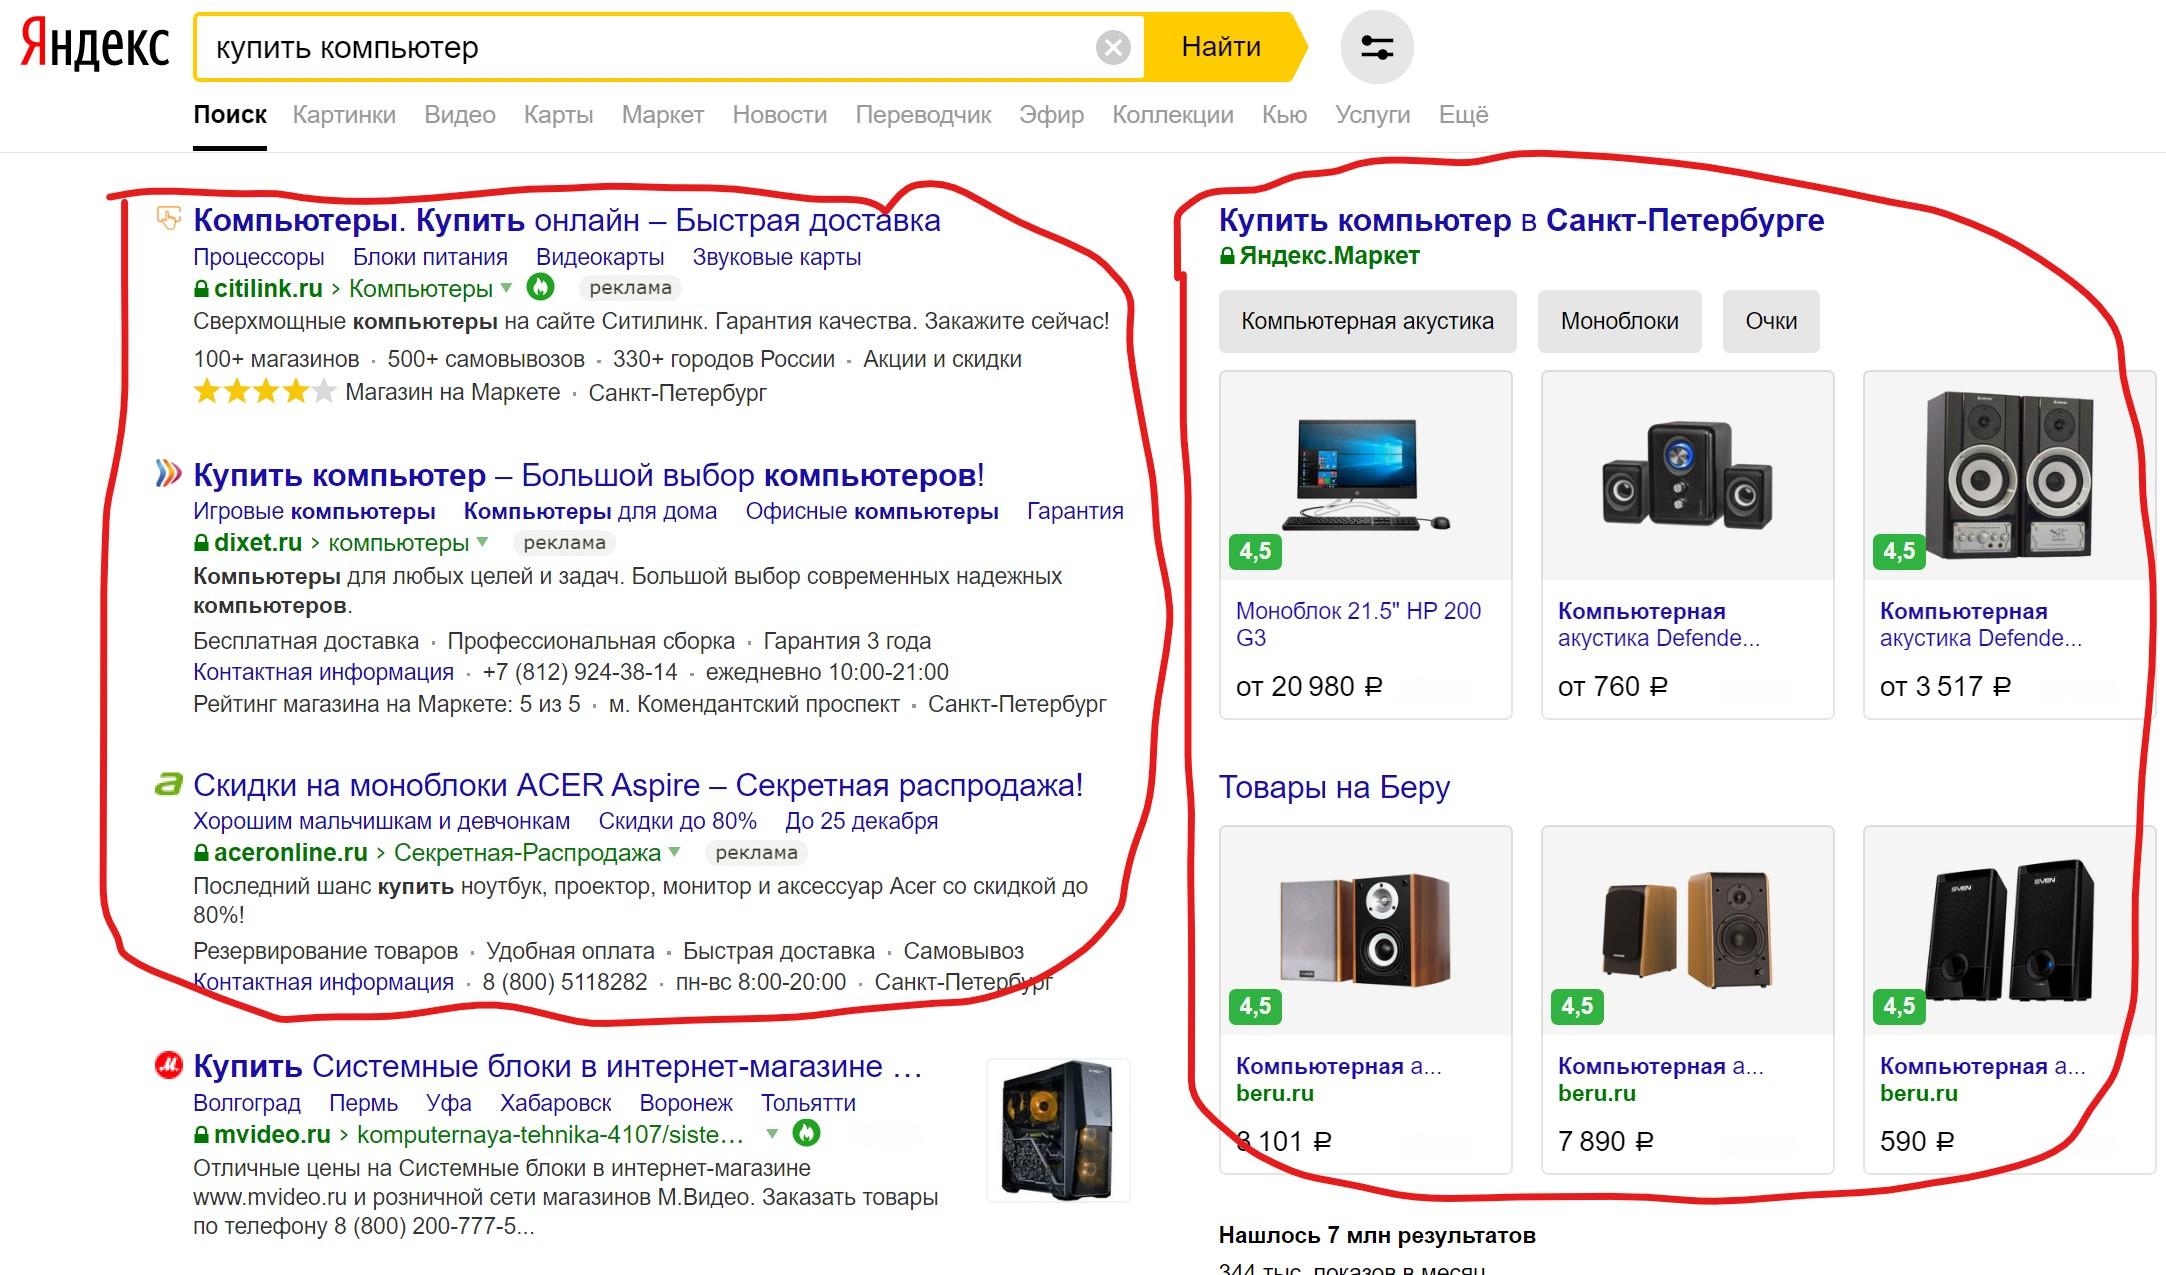 реклама в поисковой системе яндекс